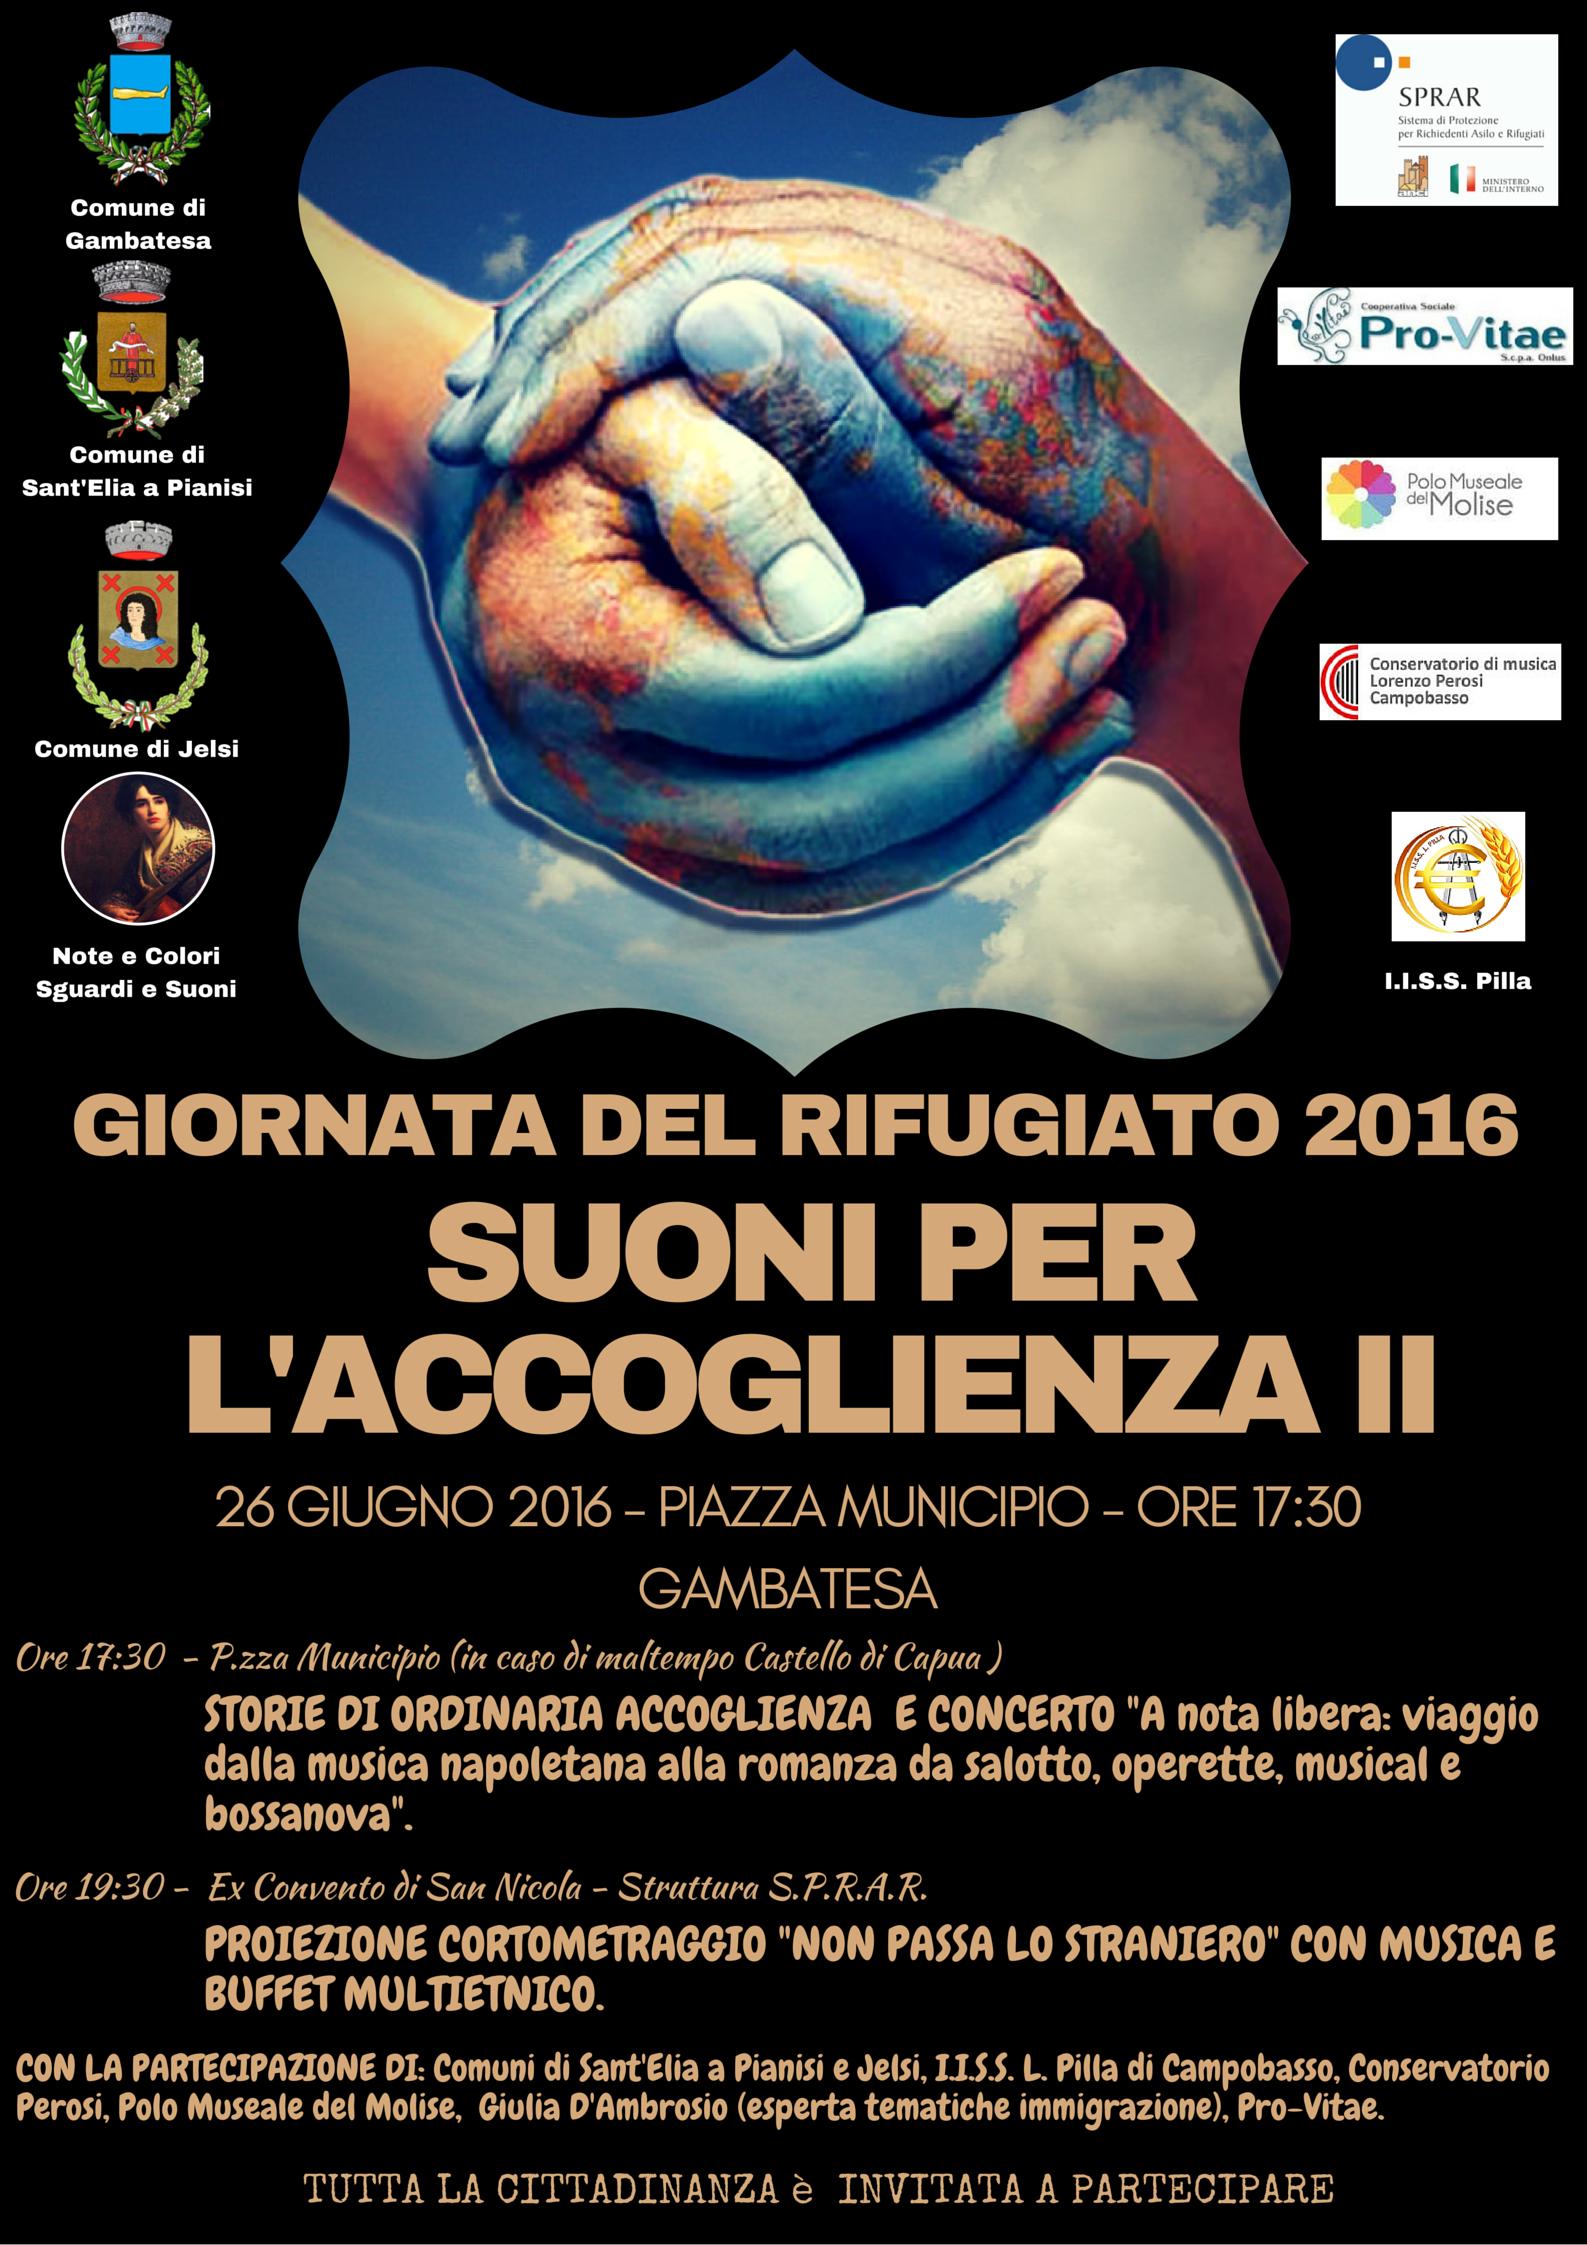 Locandina - Giornata del Rifugiato 2016